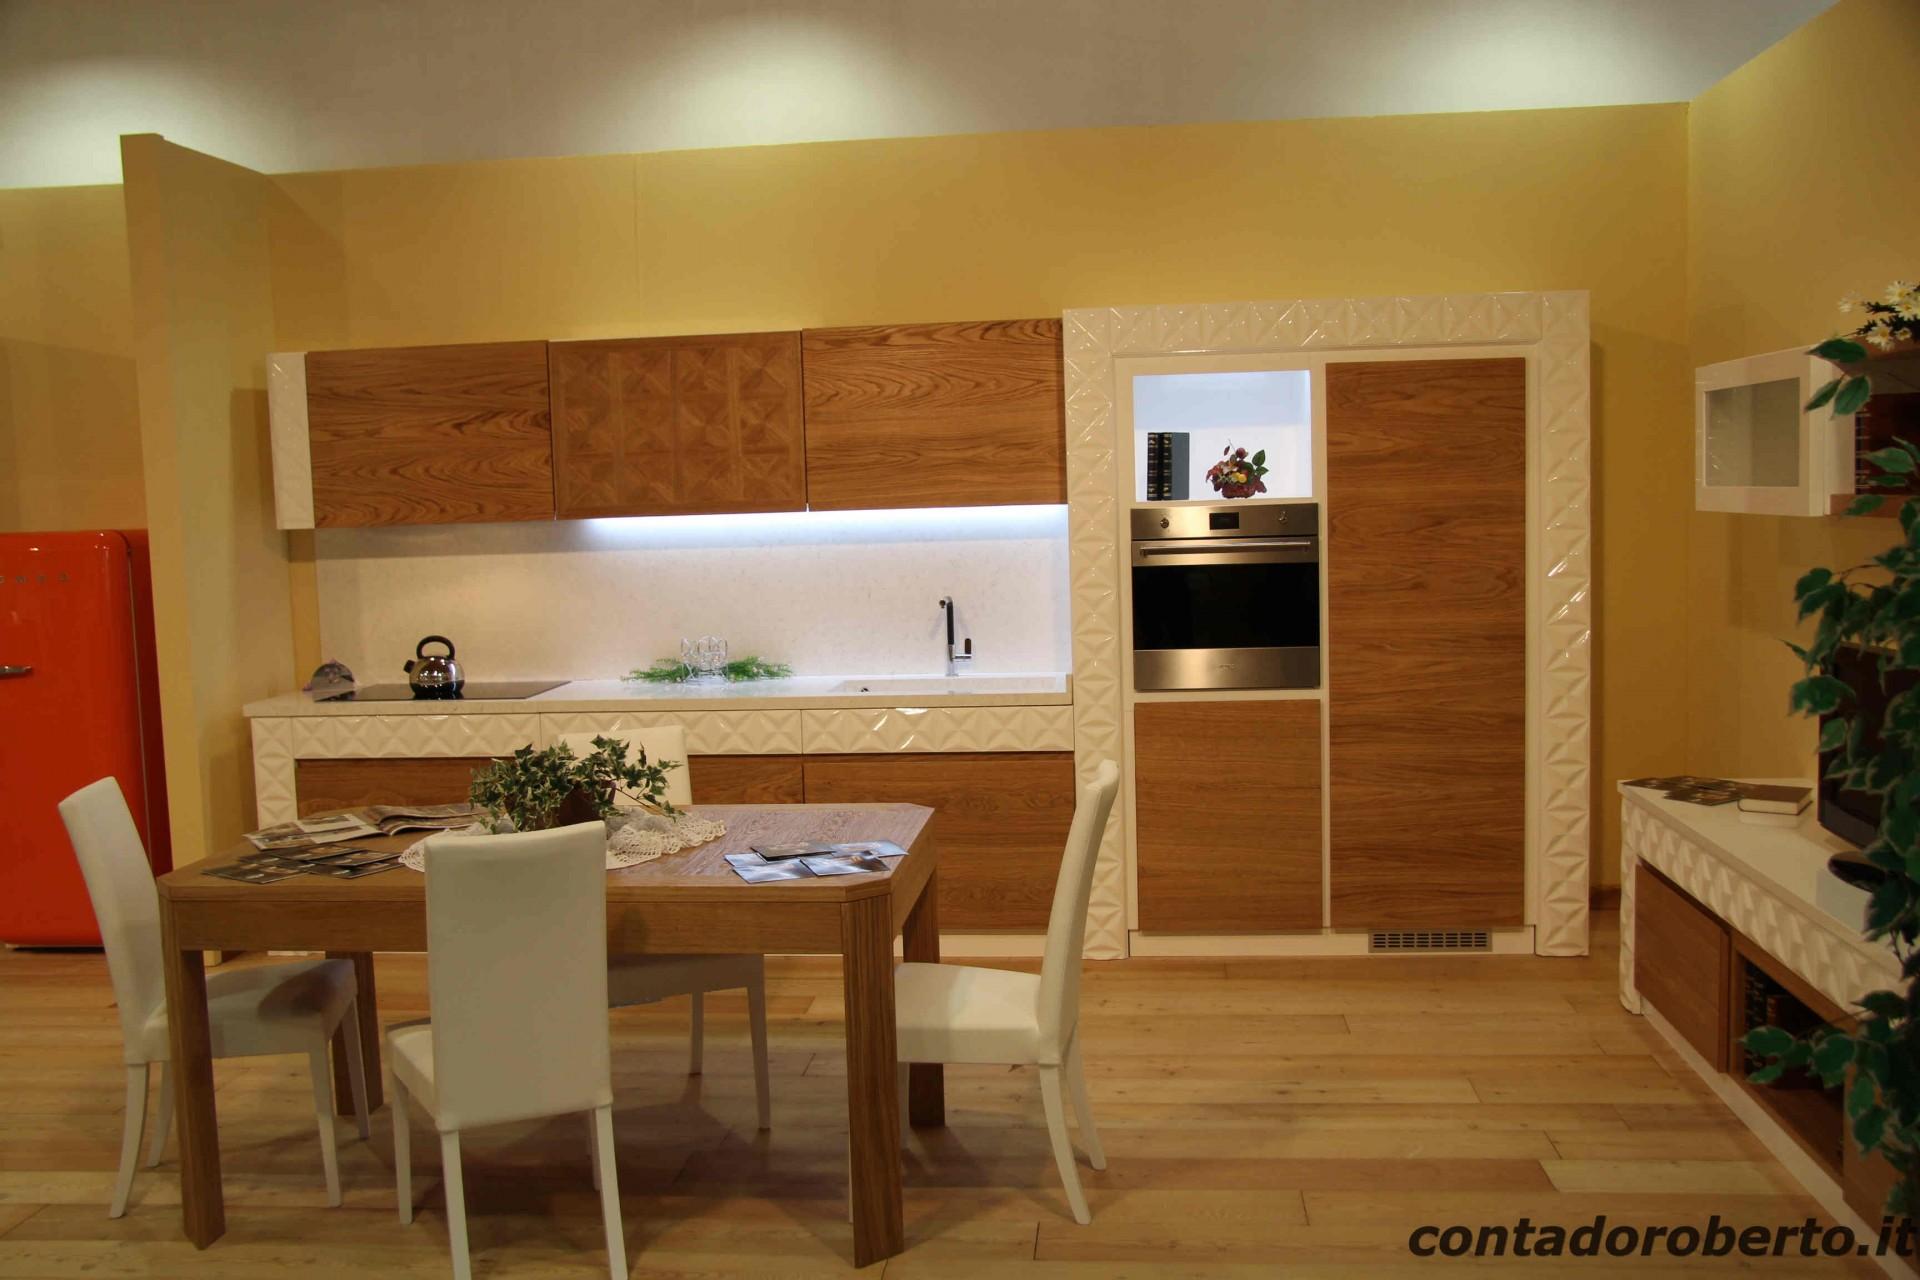 Cucina moderna verona in legno di rovere naturale laccato - Cucine moderne legno e laccato ...